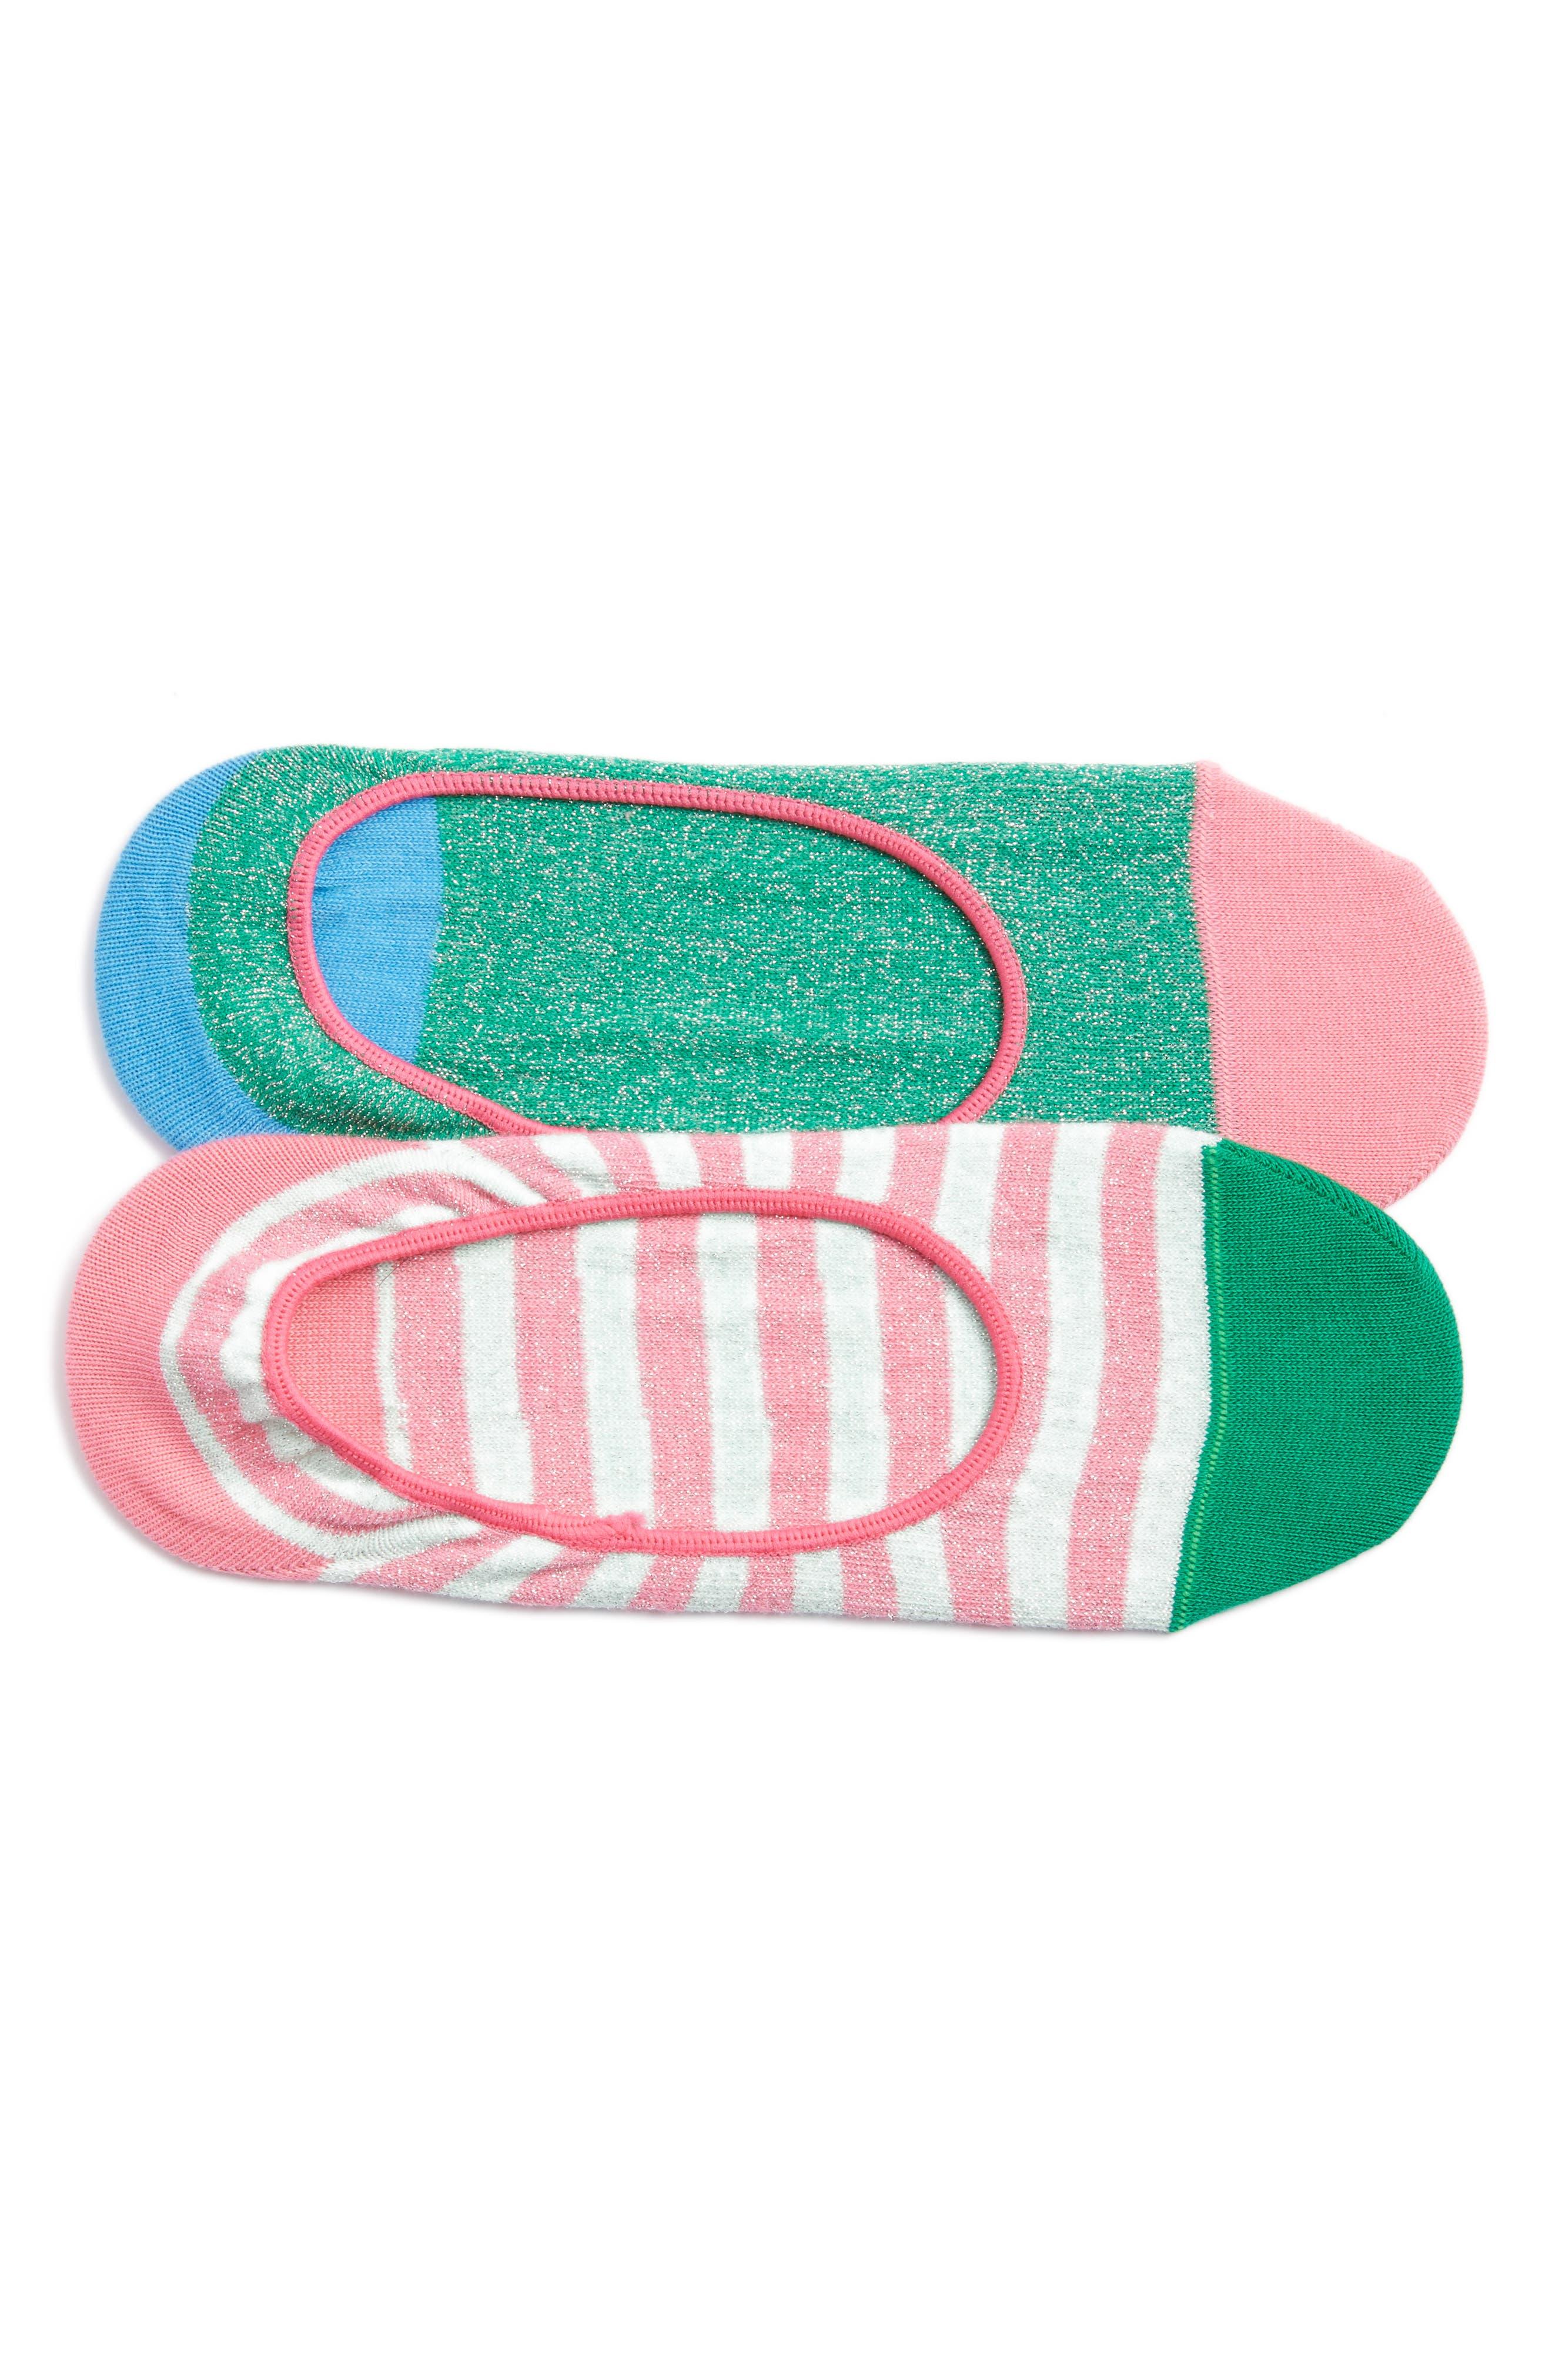 2-Pack Claudia No-Show Socks,                             Main thumbnail 1, color,                             Pink